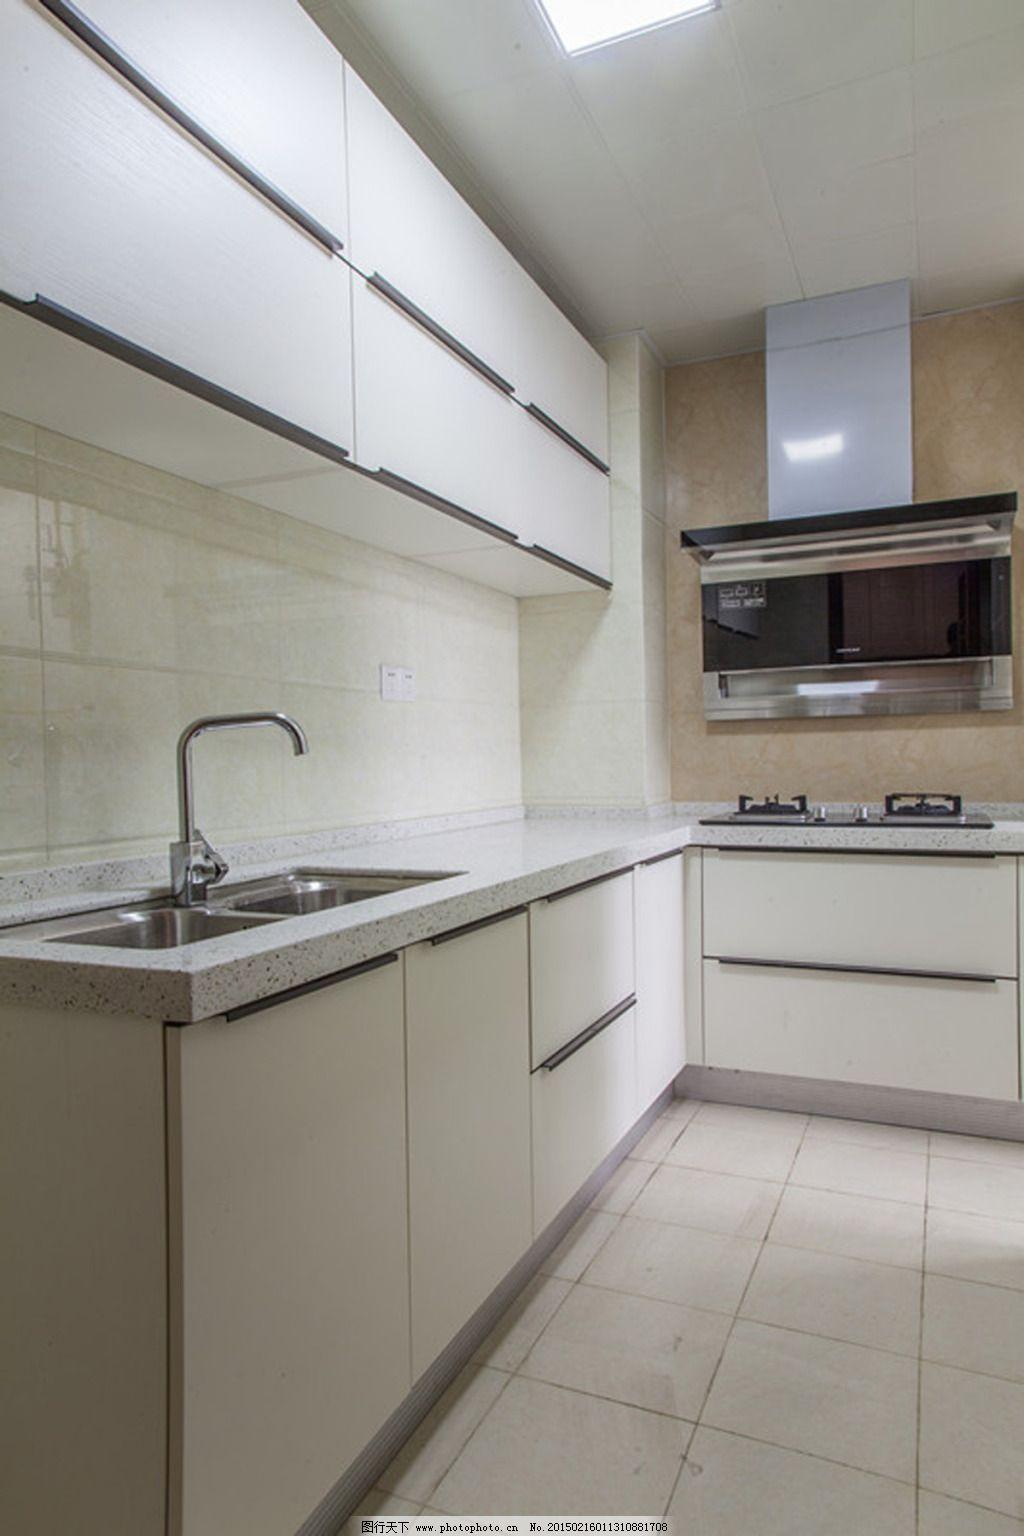 厨房素材免费下载 壁画 灯 环境设计 灰色 静物 墙面 设计 室内设计图片